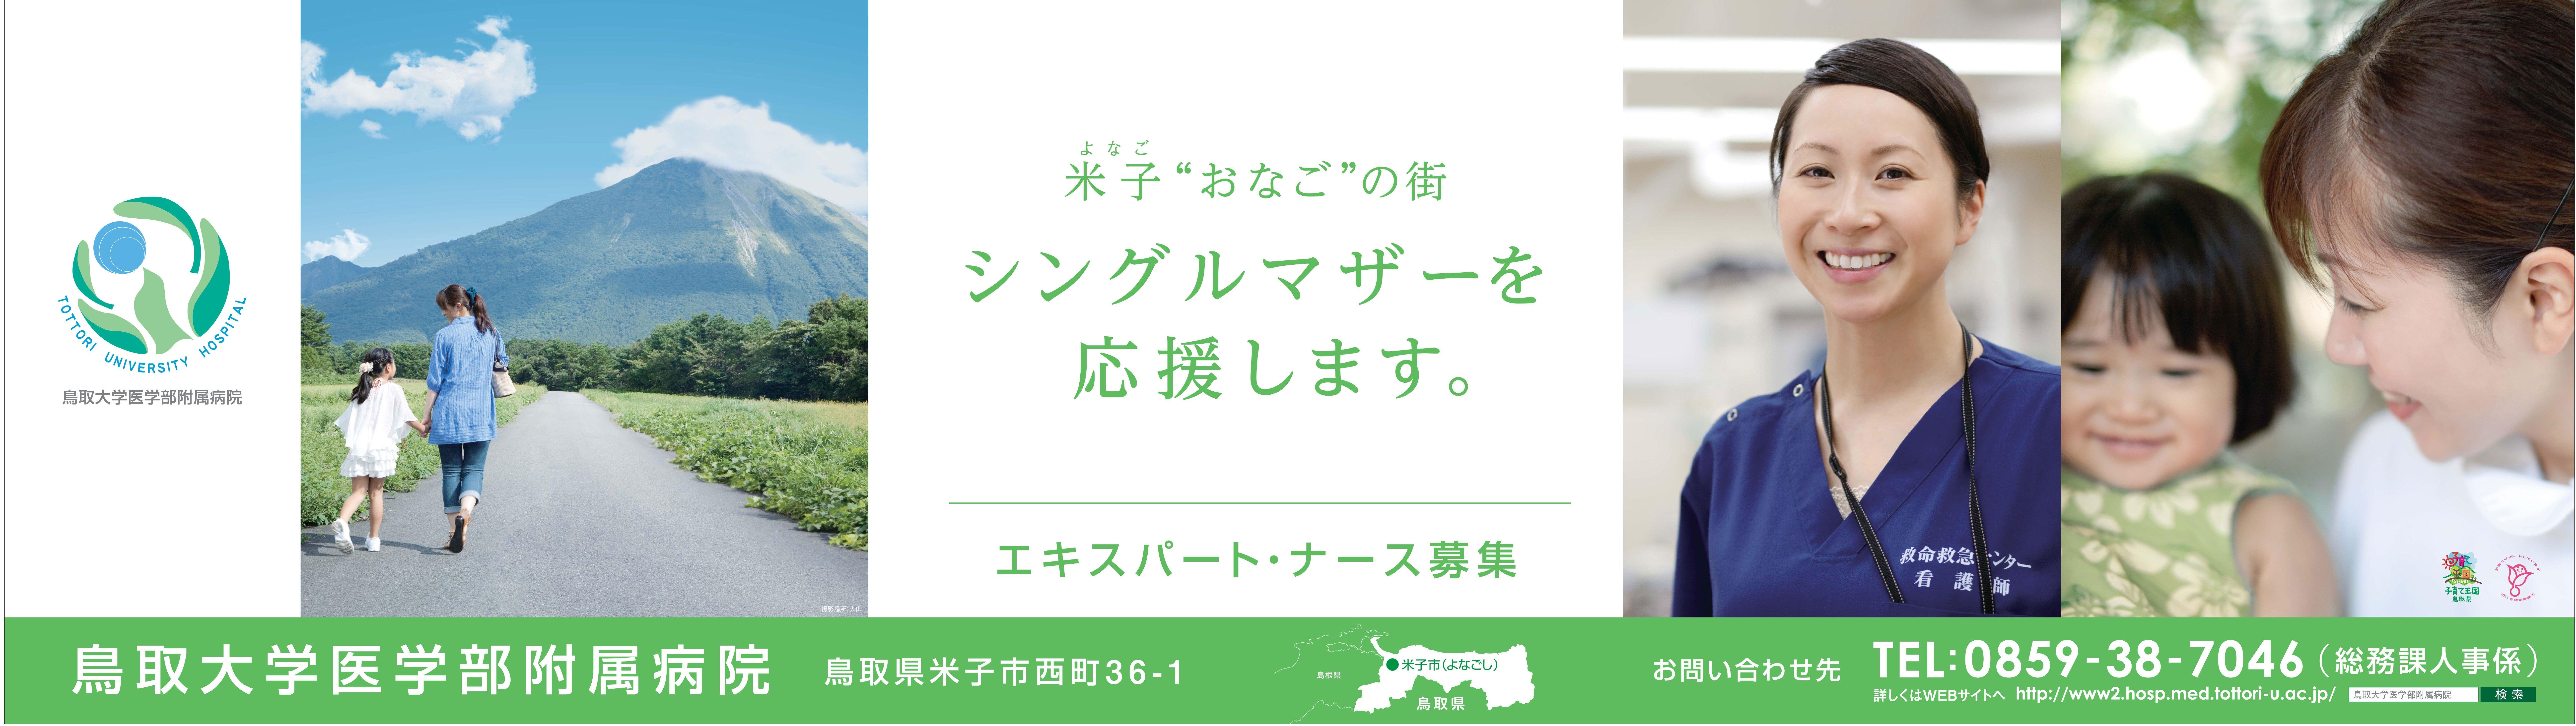 東京駅ポスター